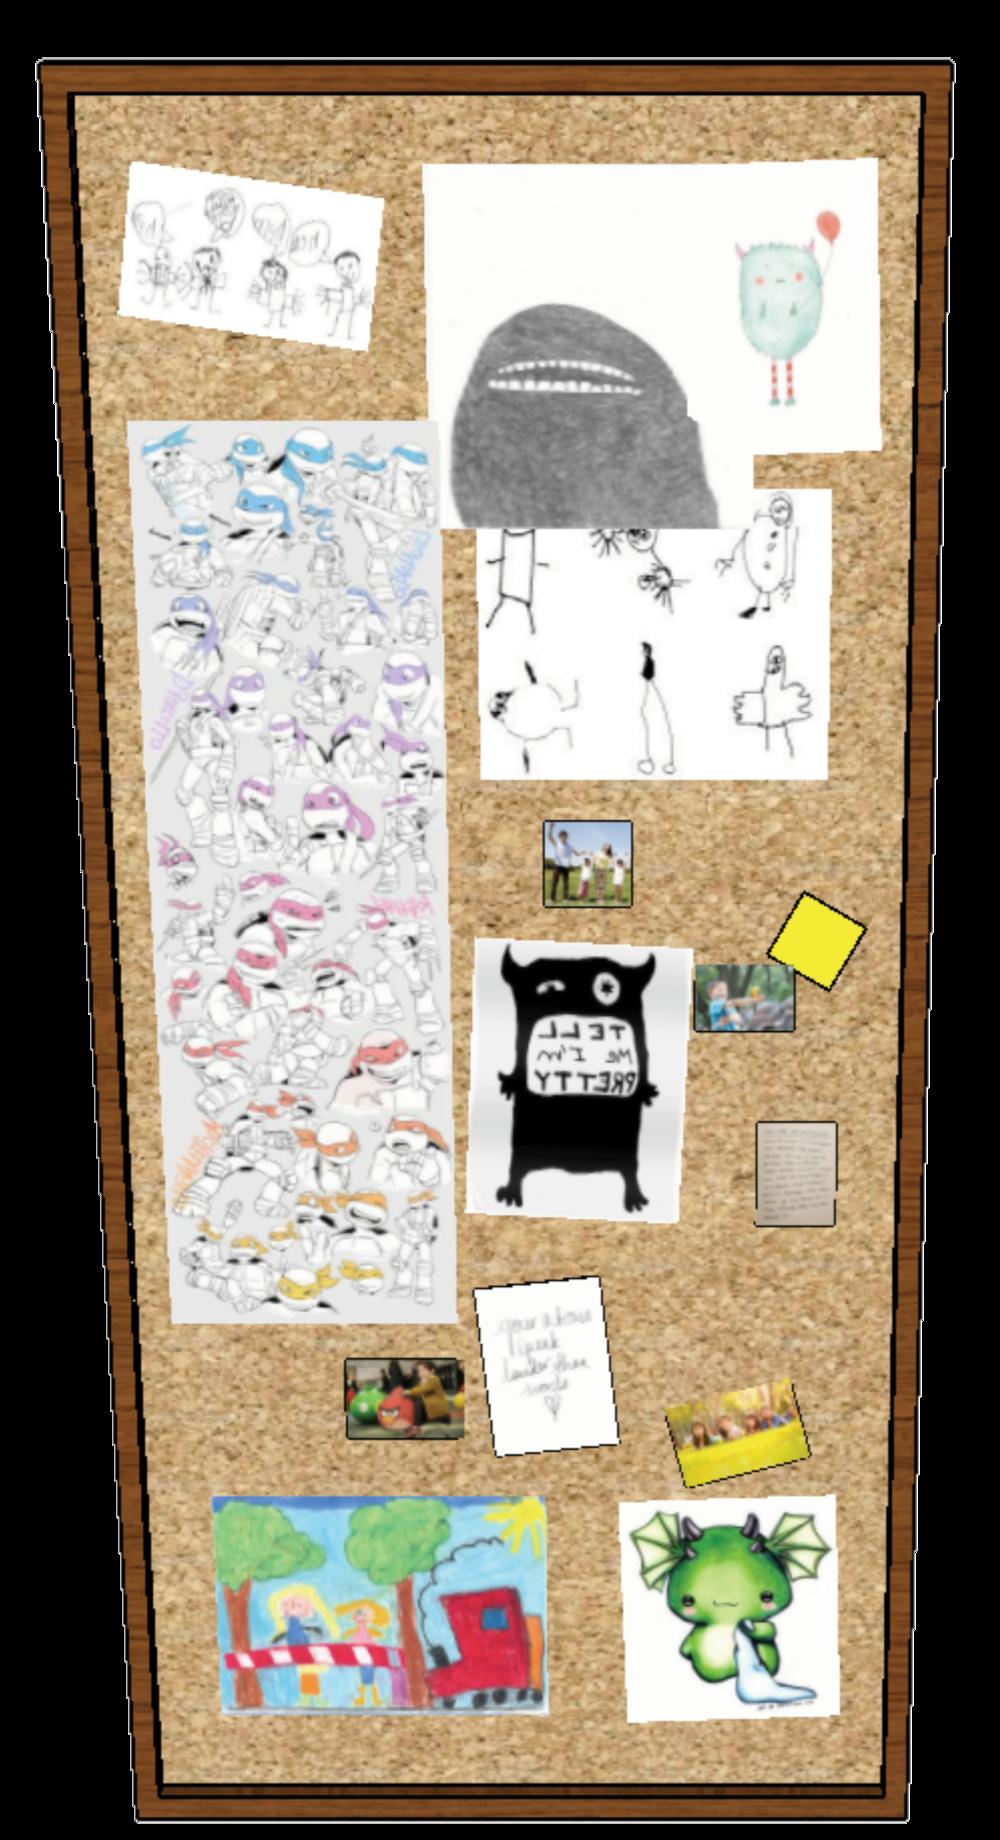 Kr_-Bulletin-Board.png